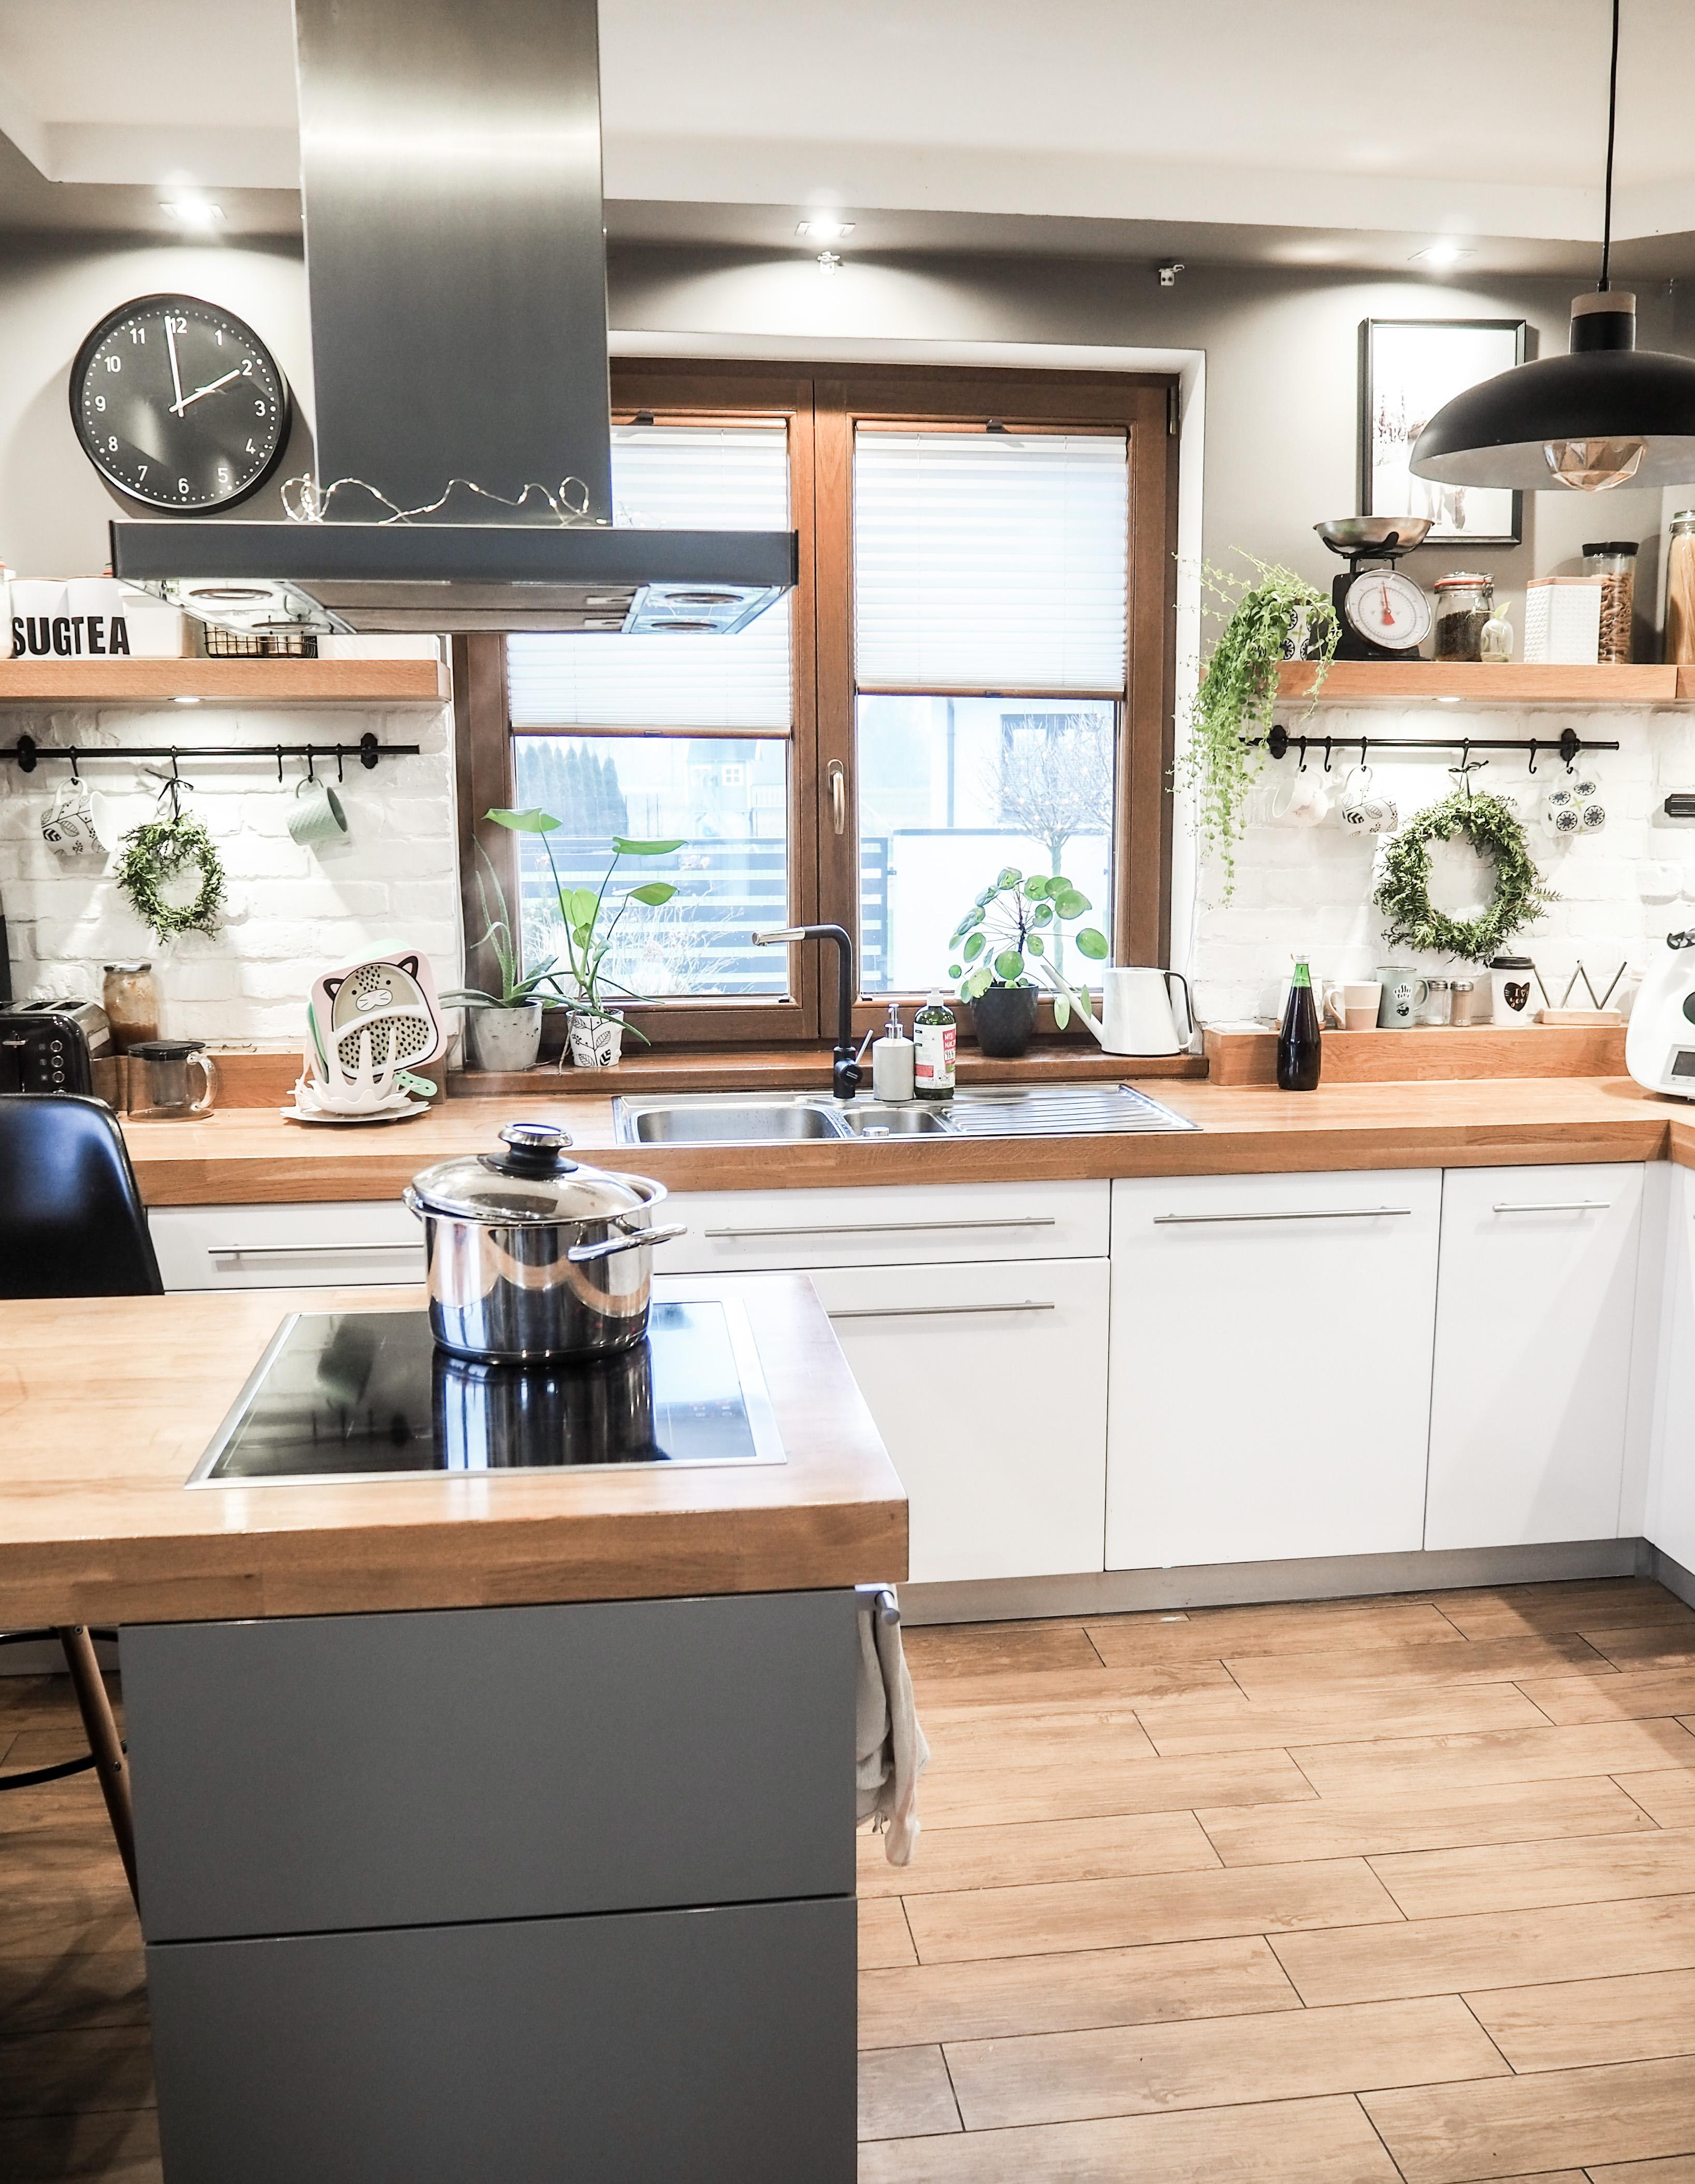 kuchnia inspiracje biel i drewno plisy nasze domowe pielesze